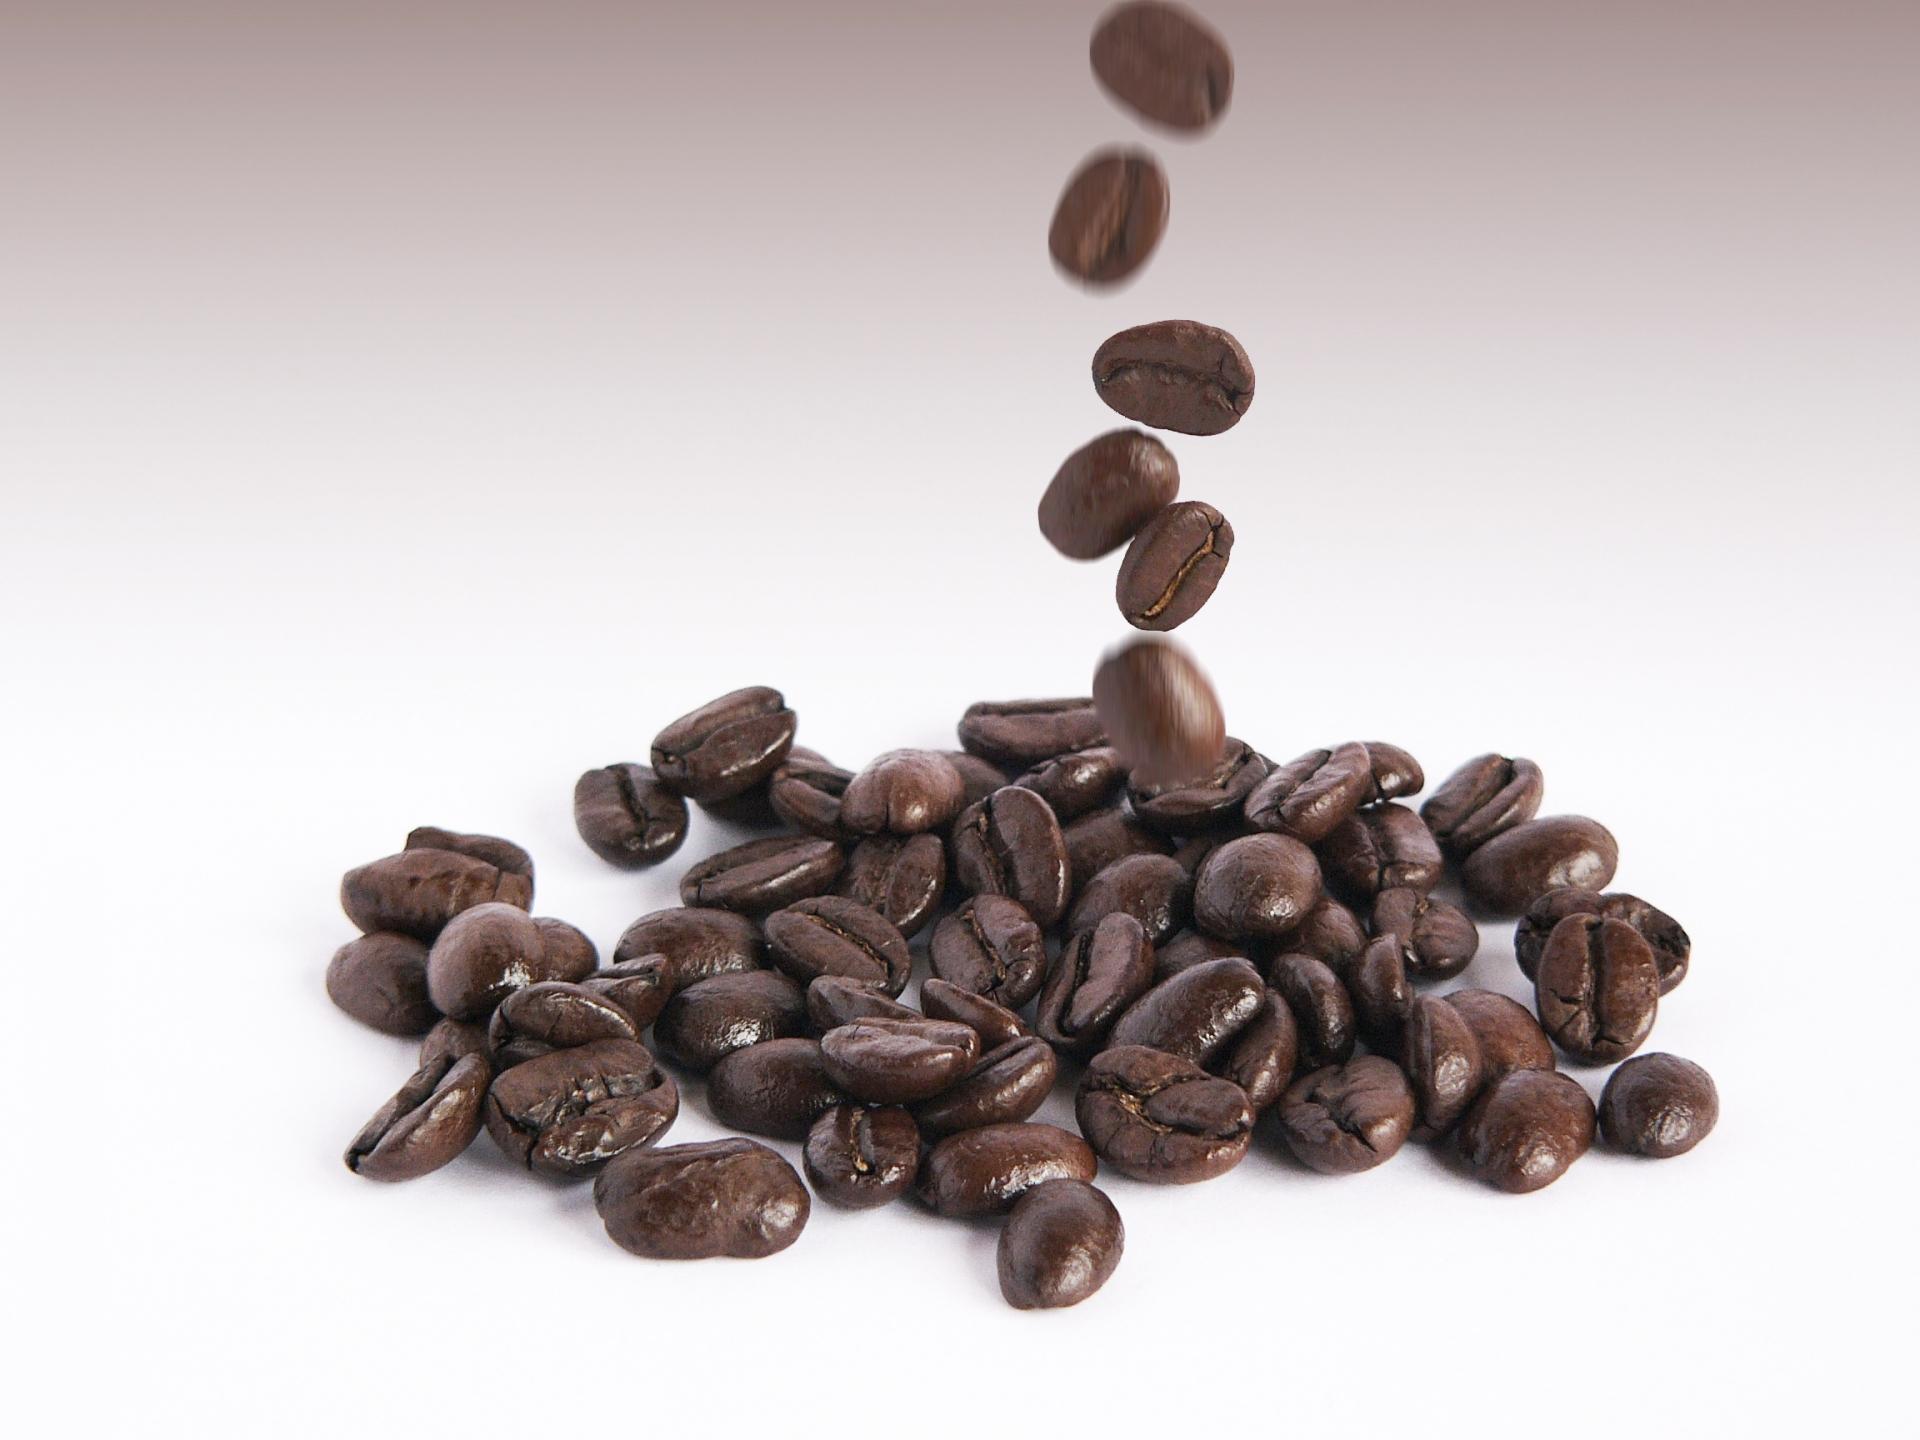 缶コーヒーのカフェイン含有量をランキングで紹介!平均的な量やカロリーも!